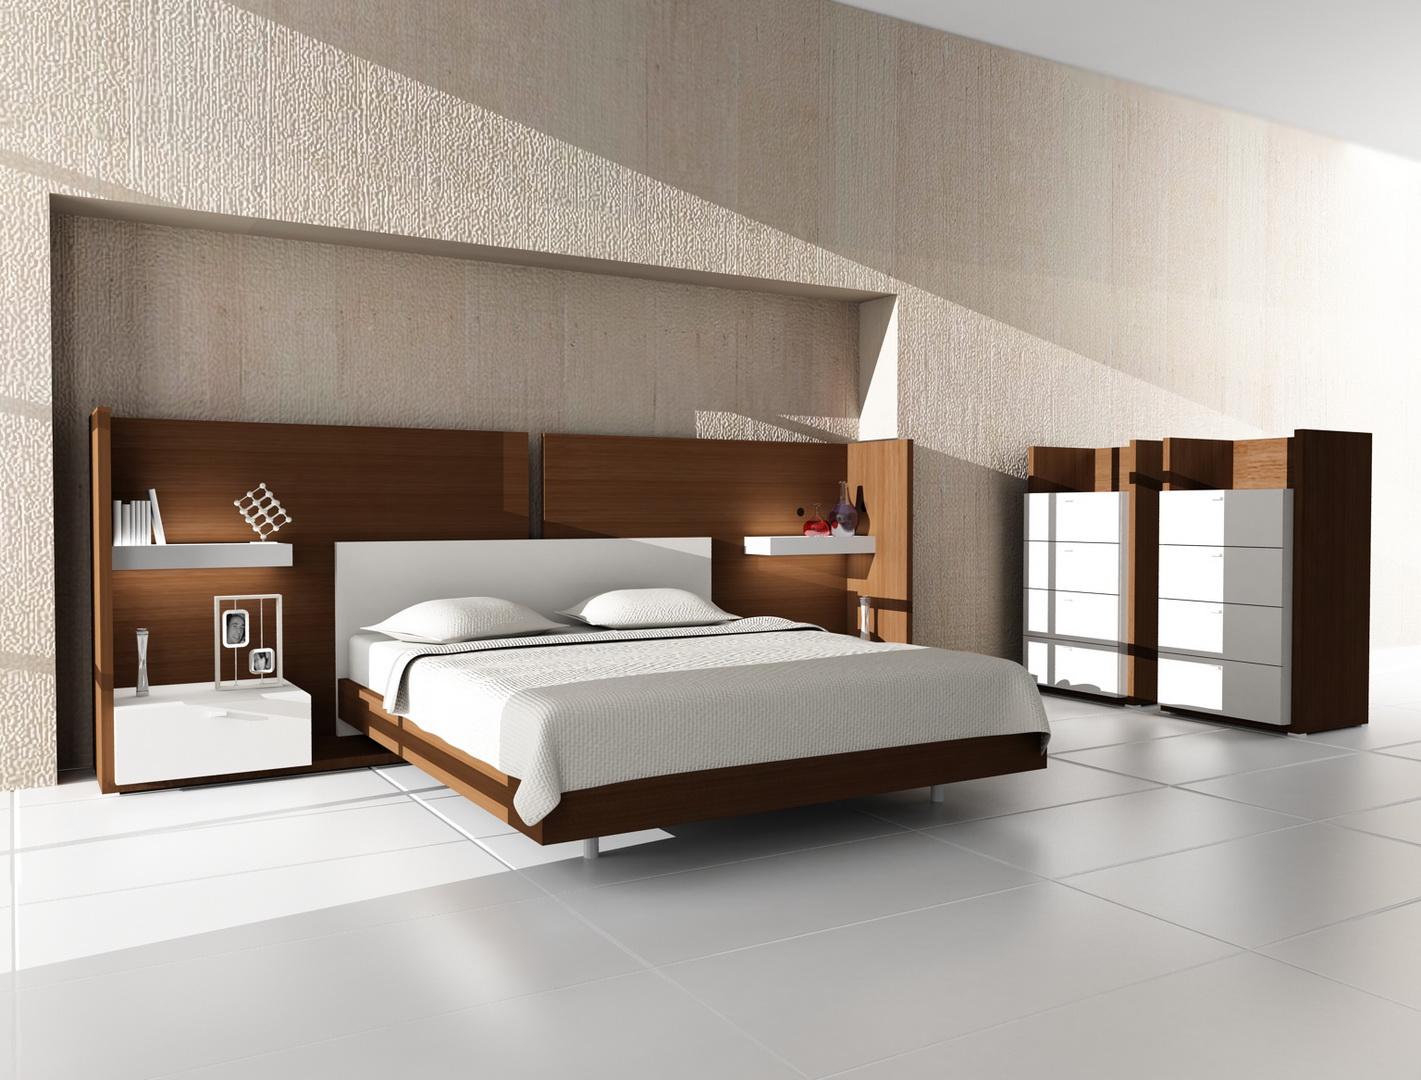 Schlafzimmer - Vasternos.ch